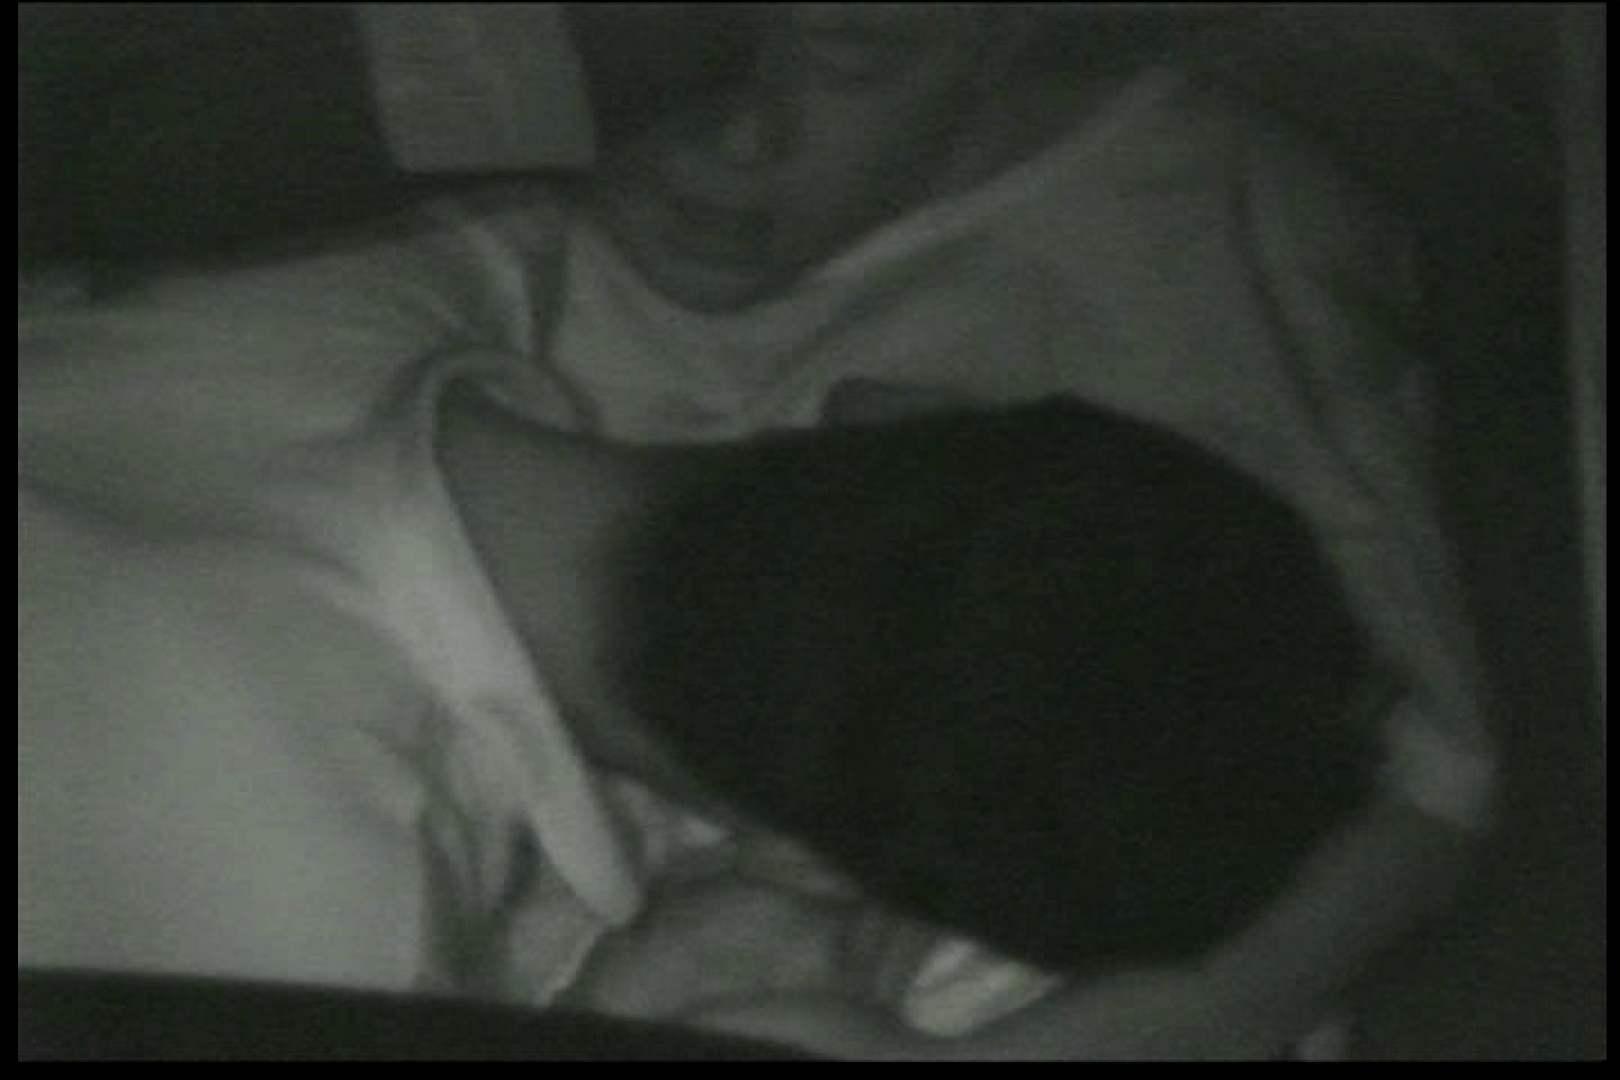 車の中はラブホテル 無修正版  Vol.12 カップル盗撮 おめこ無修正画像 93画像 13